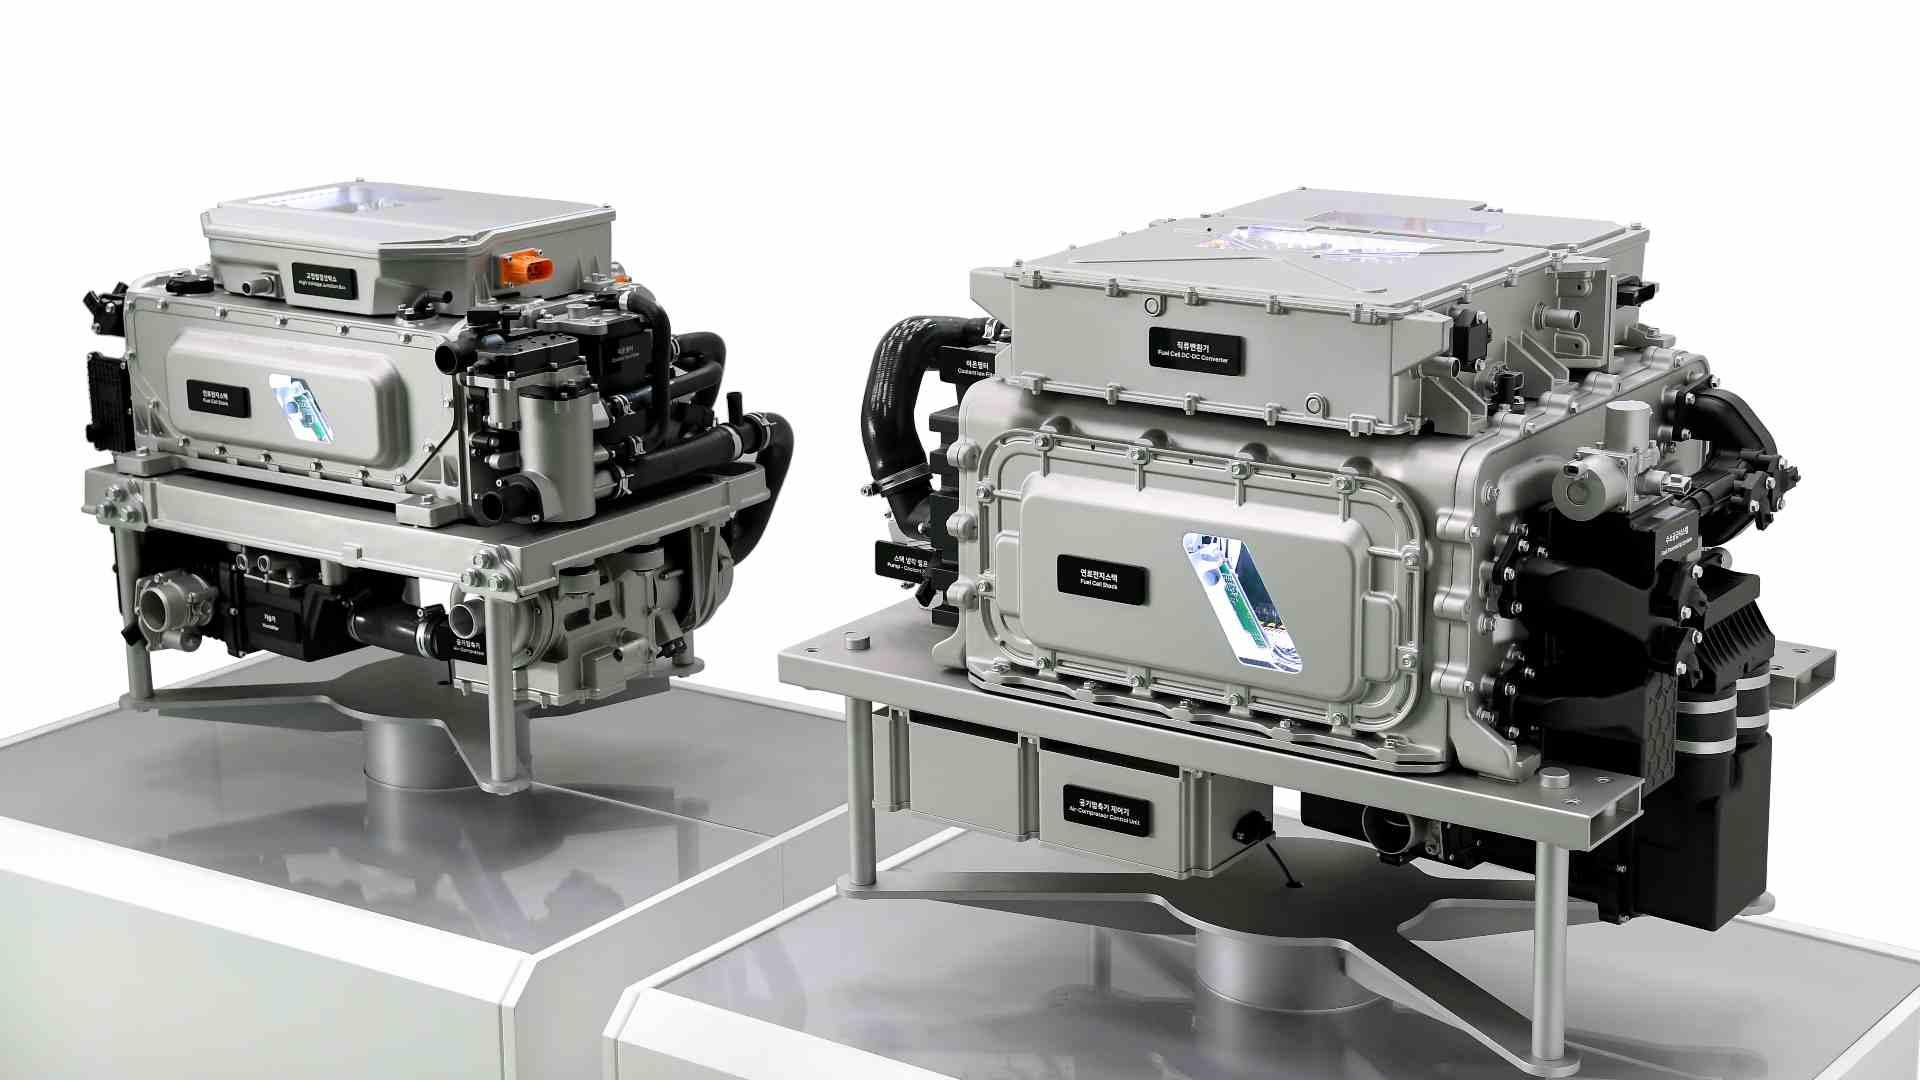 Le groupe motopropulseur à pile à combustible de troisième génération devrait faire ses débuts dans le Hyundai Nexo mis à jour en 2023. Image: Hyundai